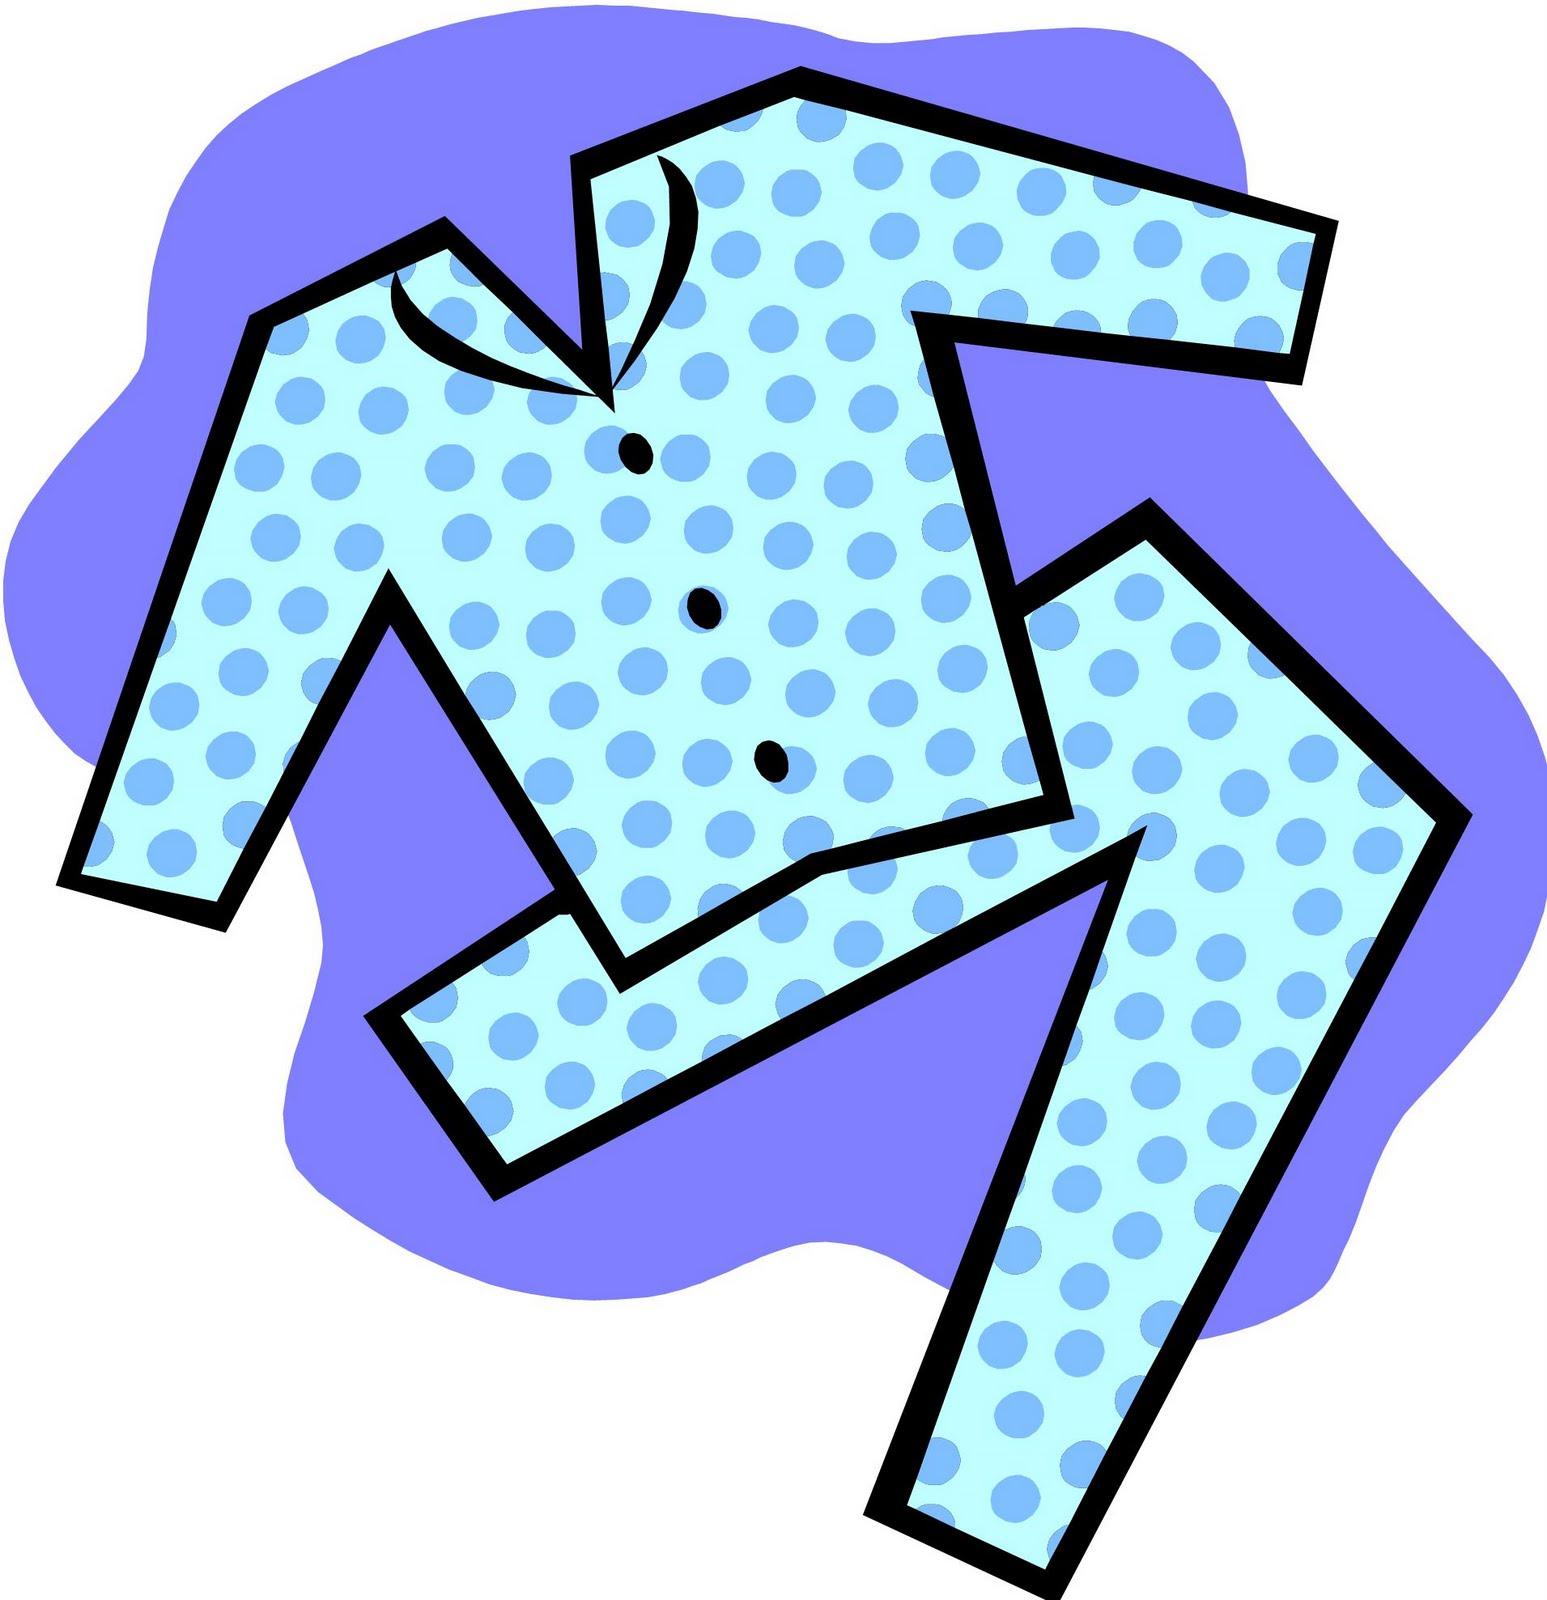 Pajama Clip Art Kids Clipart Panda Free -Pajama Clip Art Kids Clipart Panda Free Clipart Images-5